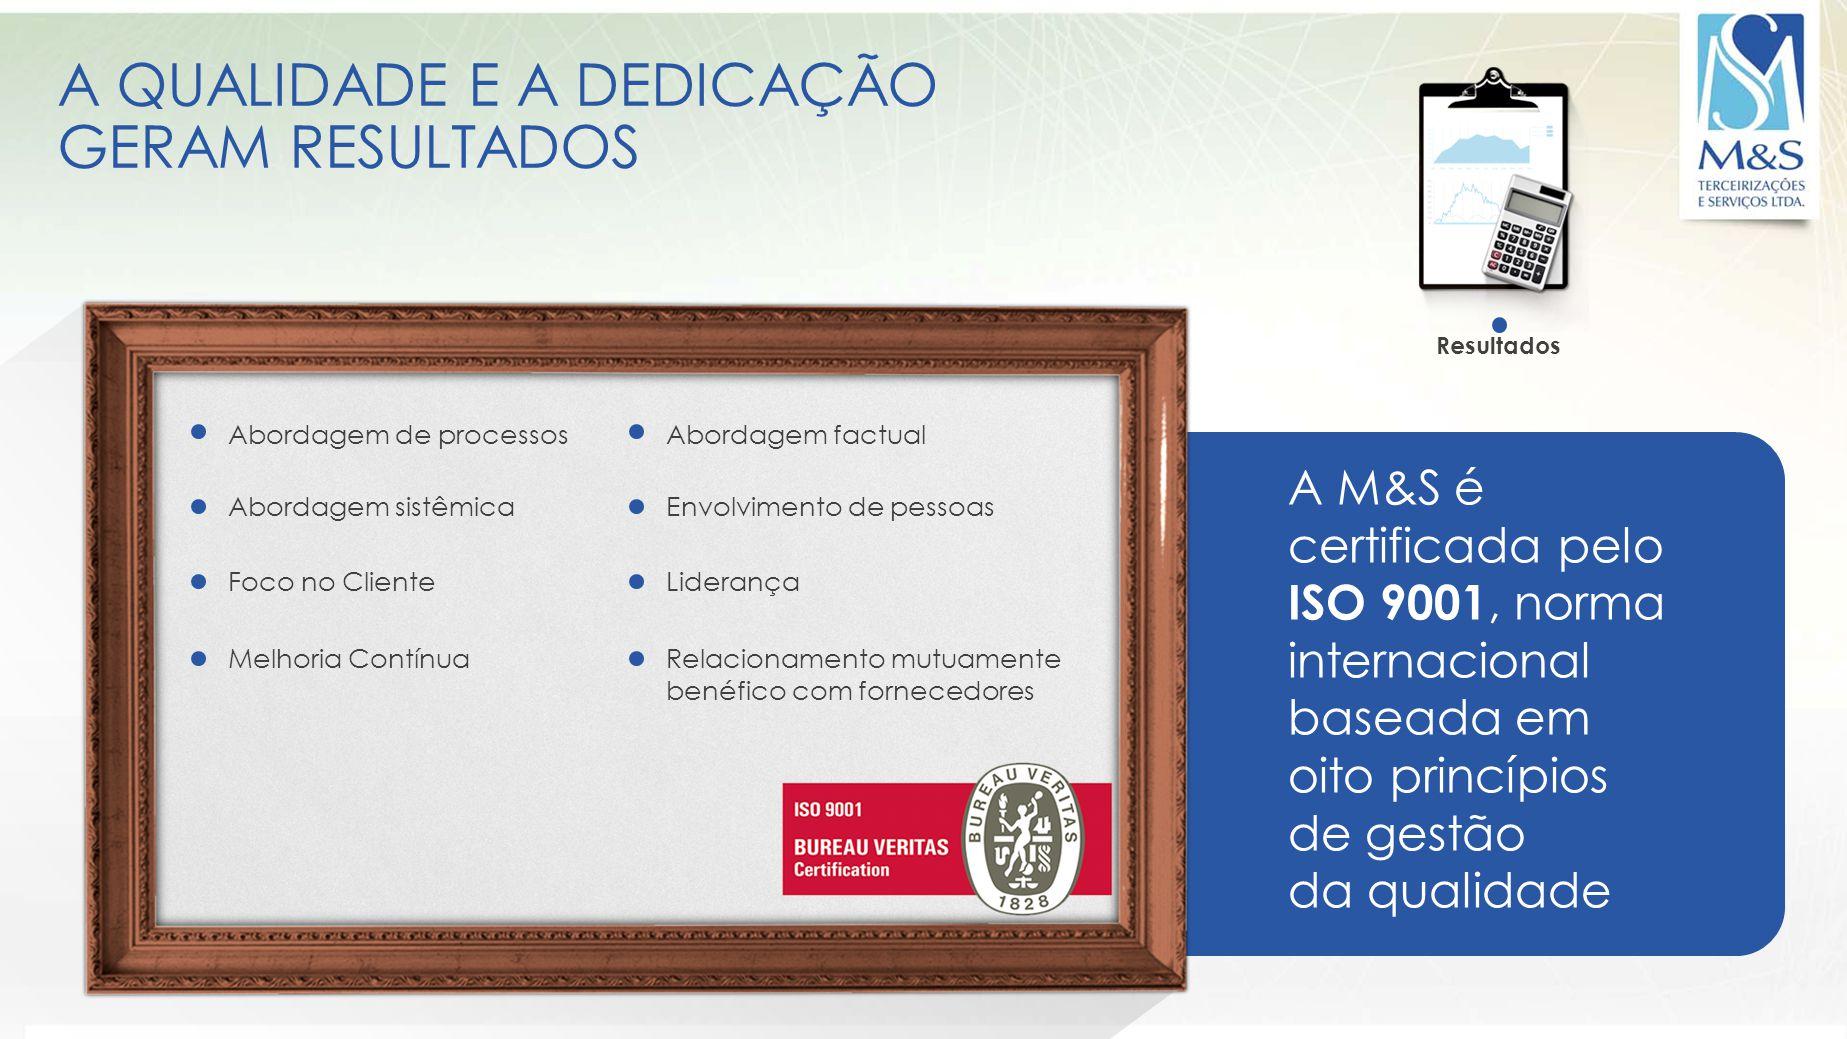 A QUALIDADE E A DEDICAÇÃO GERAM RESULTADOS A M&S é certificada pelo ISO 9001, norma internacional baseada em oito princípios de gestão da qualidade Re